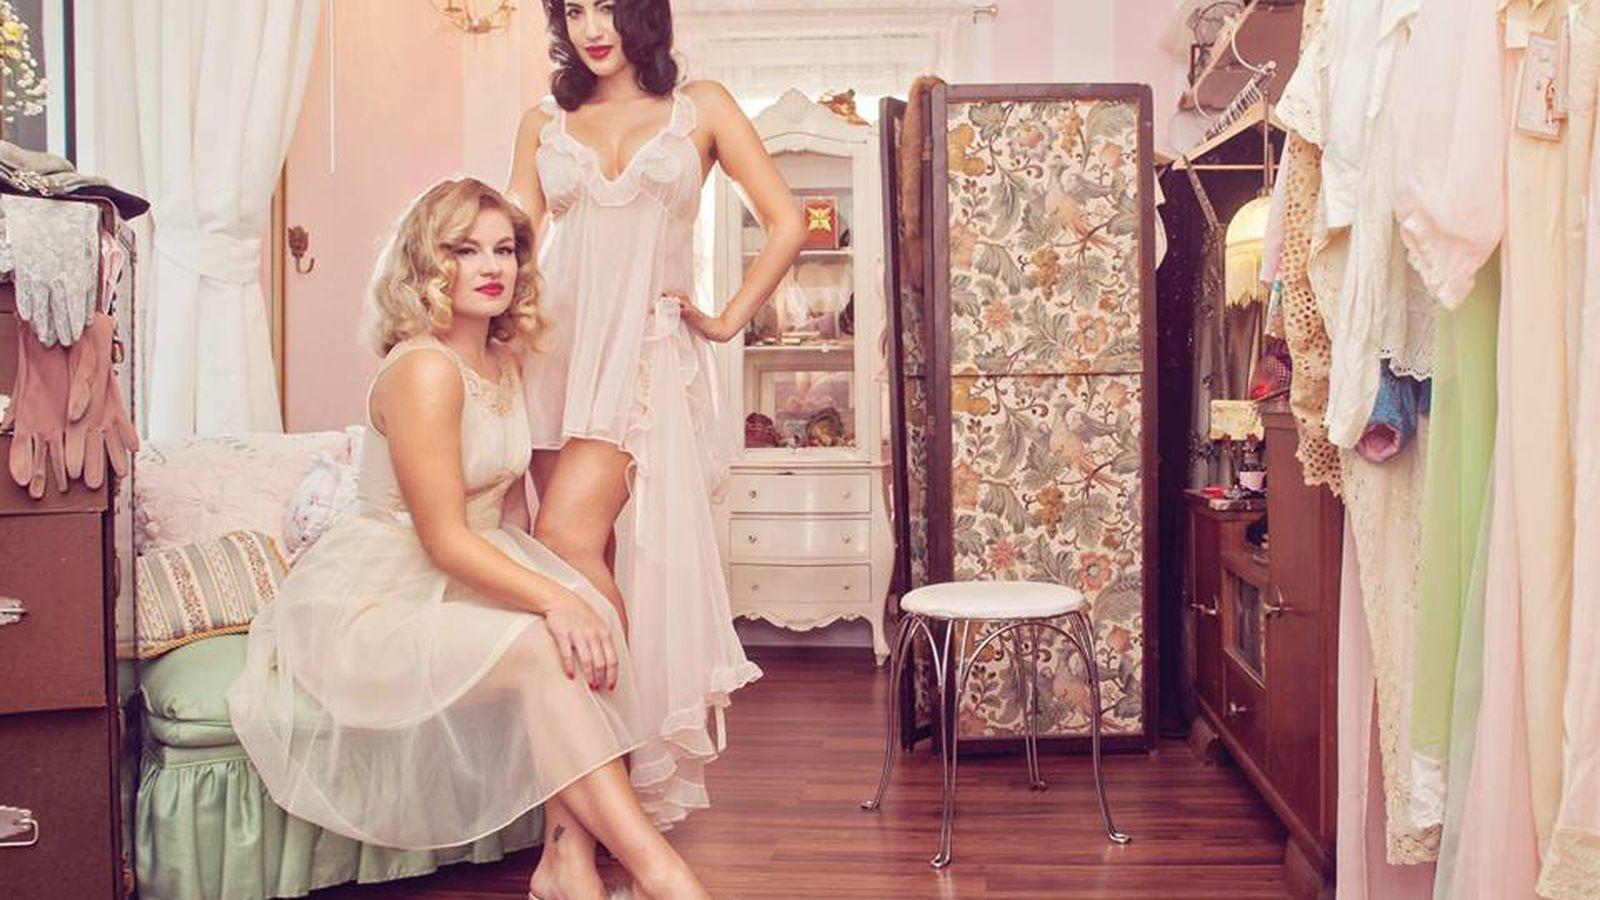 Modern vintage boutique reviews - Modern Vintage Boutique Reviews 52